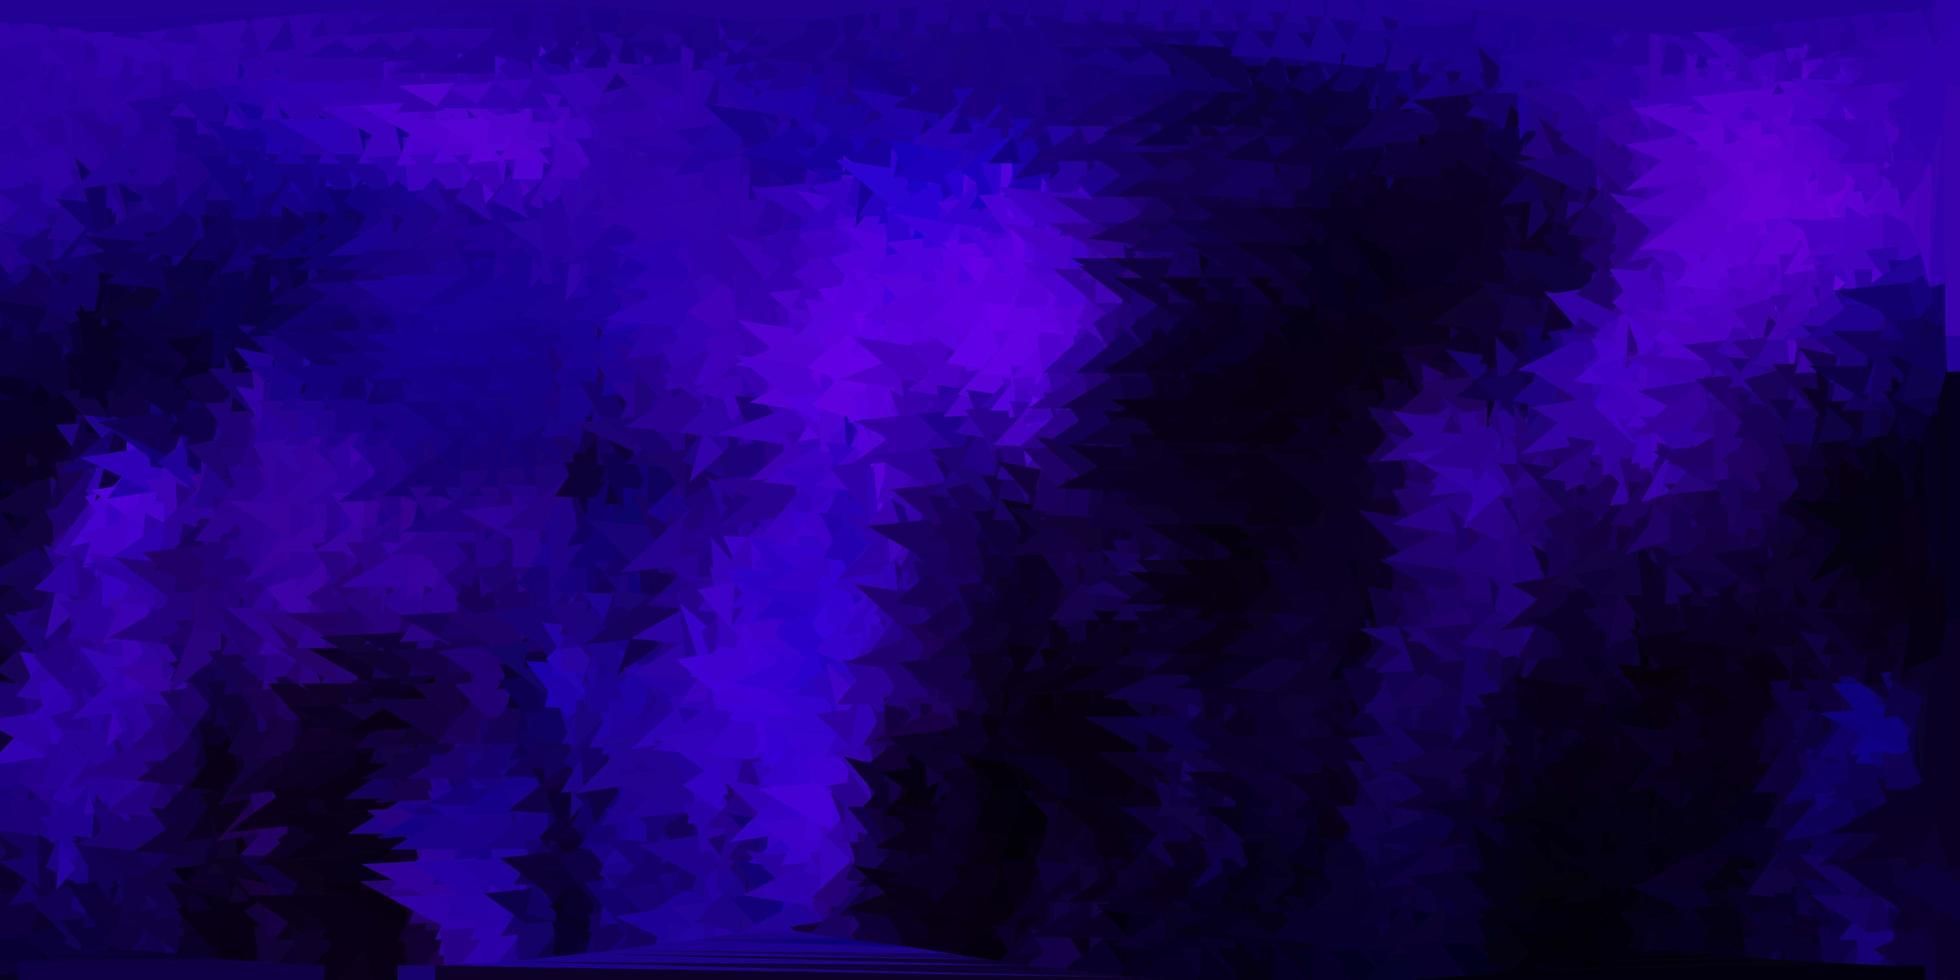 Fondo de pantalla de mosaico de triángulo vector púrpura oscuro.